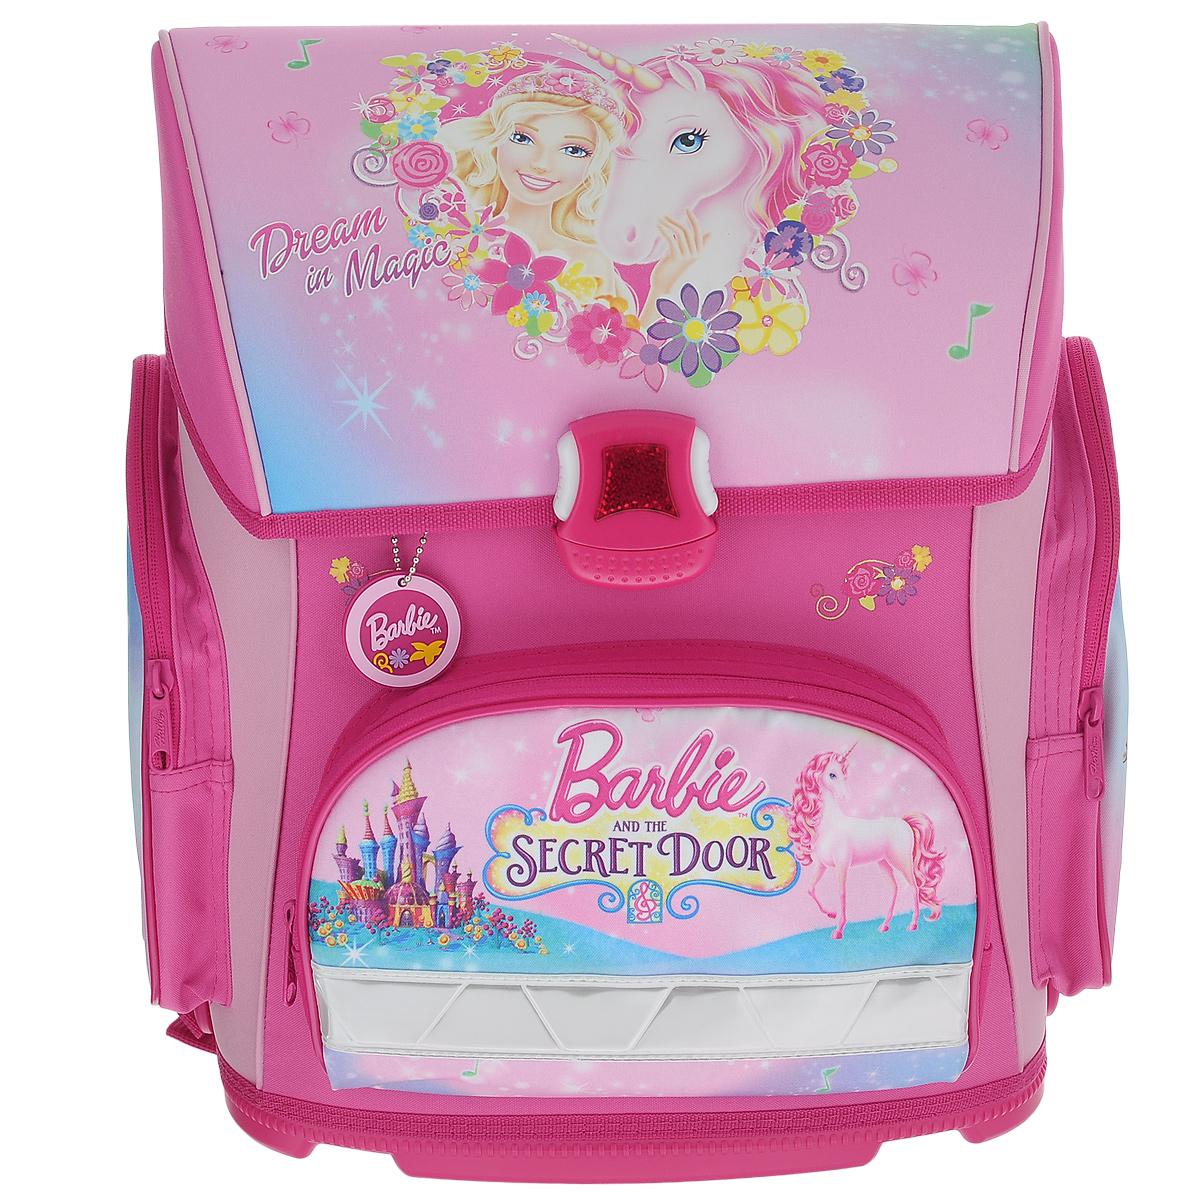 Ранец Hatber 37х30х17см OPTIMUM Barbie The Secret Door (Barbie)72523WDУсовершенствованная серия ранца для младшего школьного возраста. Жесткий анатомический каркас и форма спинки способствуют равномерному распределнию нагрузки и формированию правильной осанки.